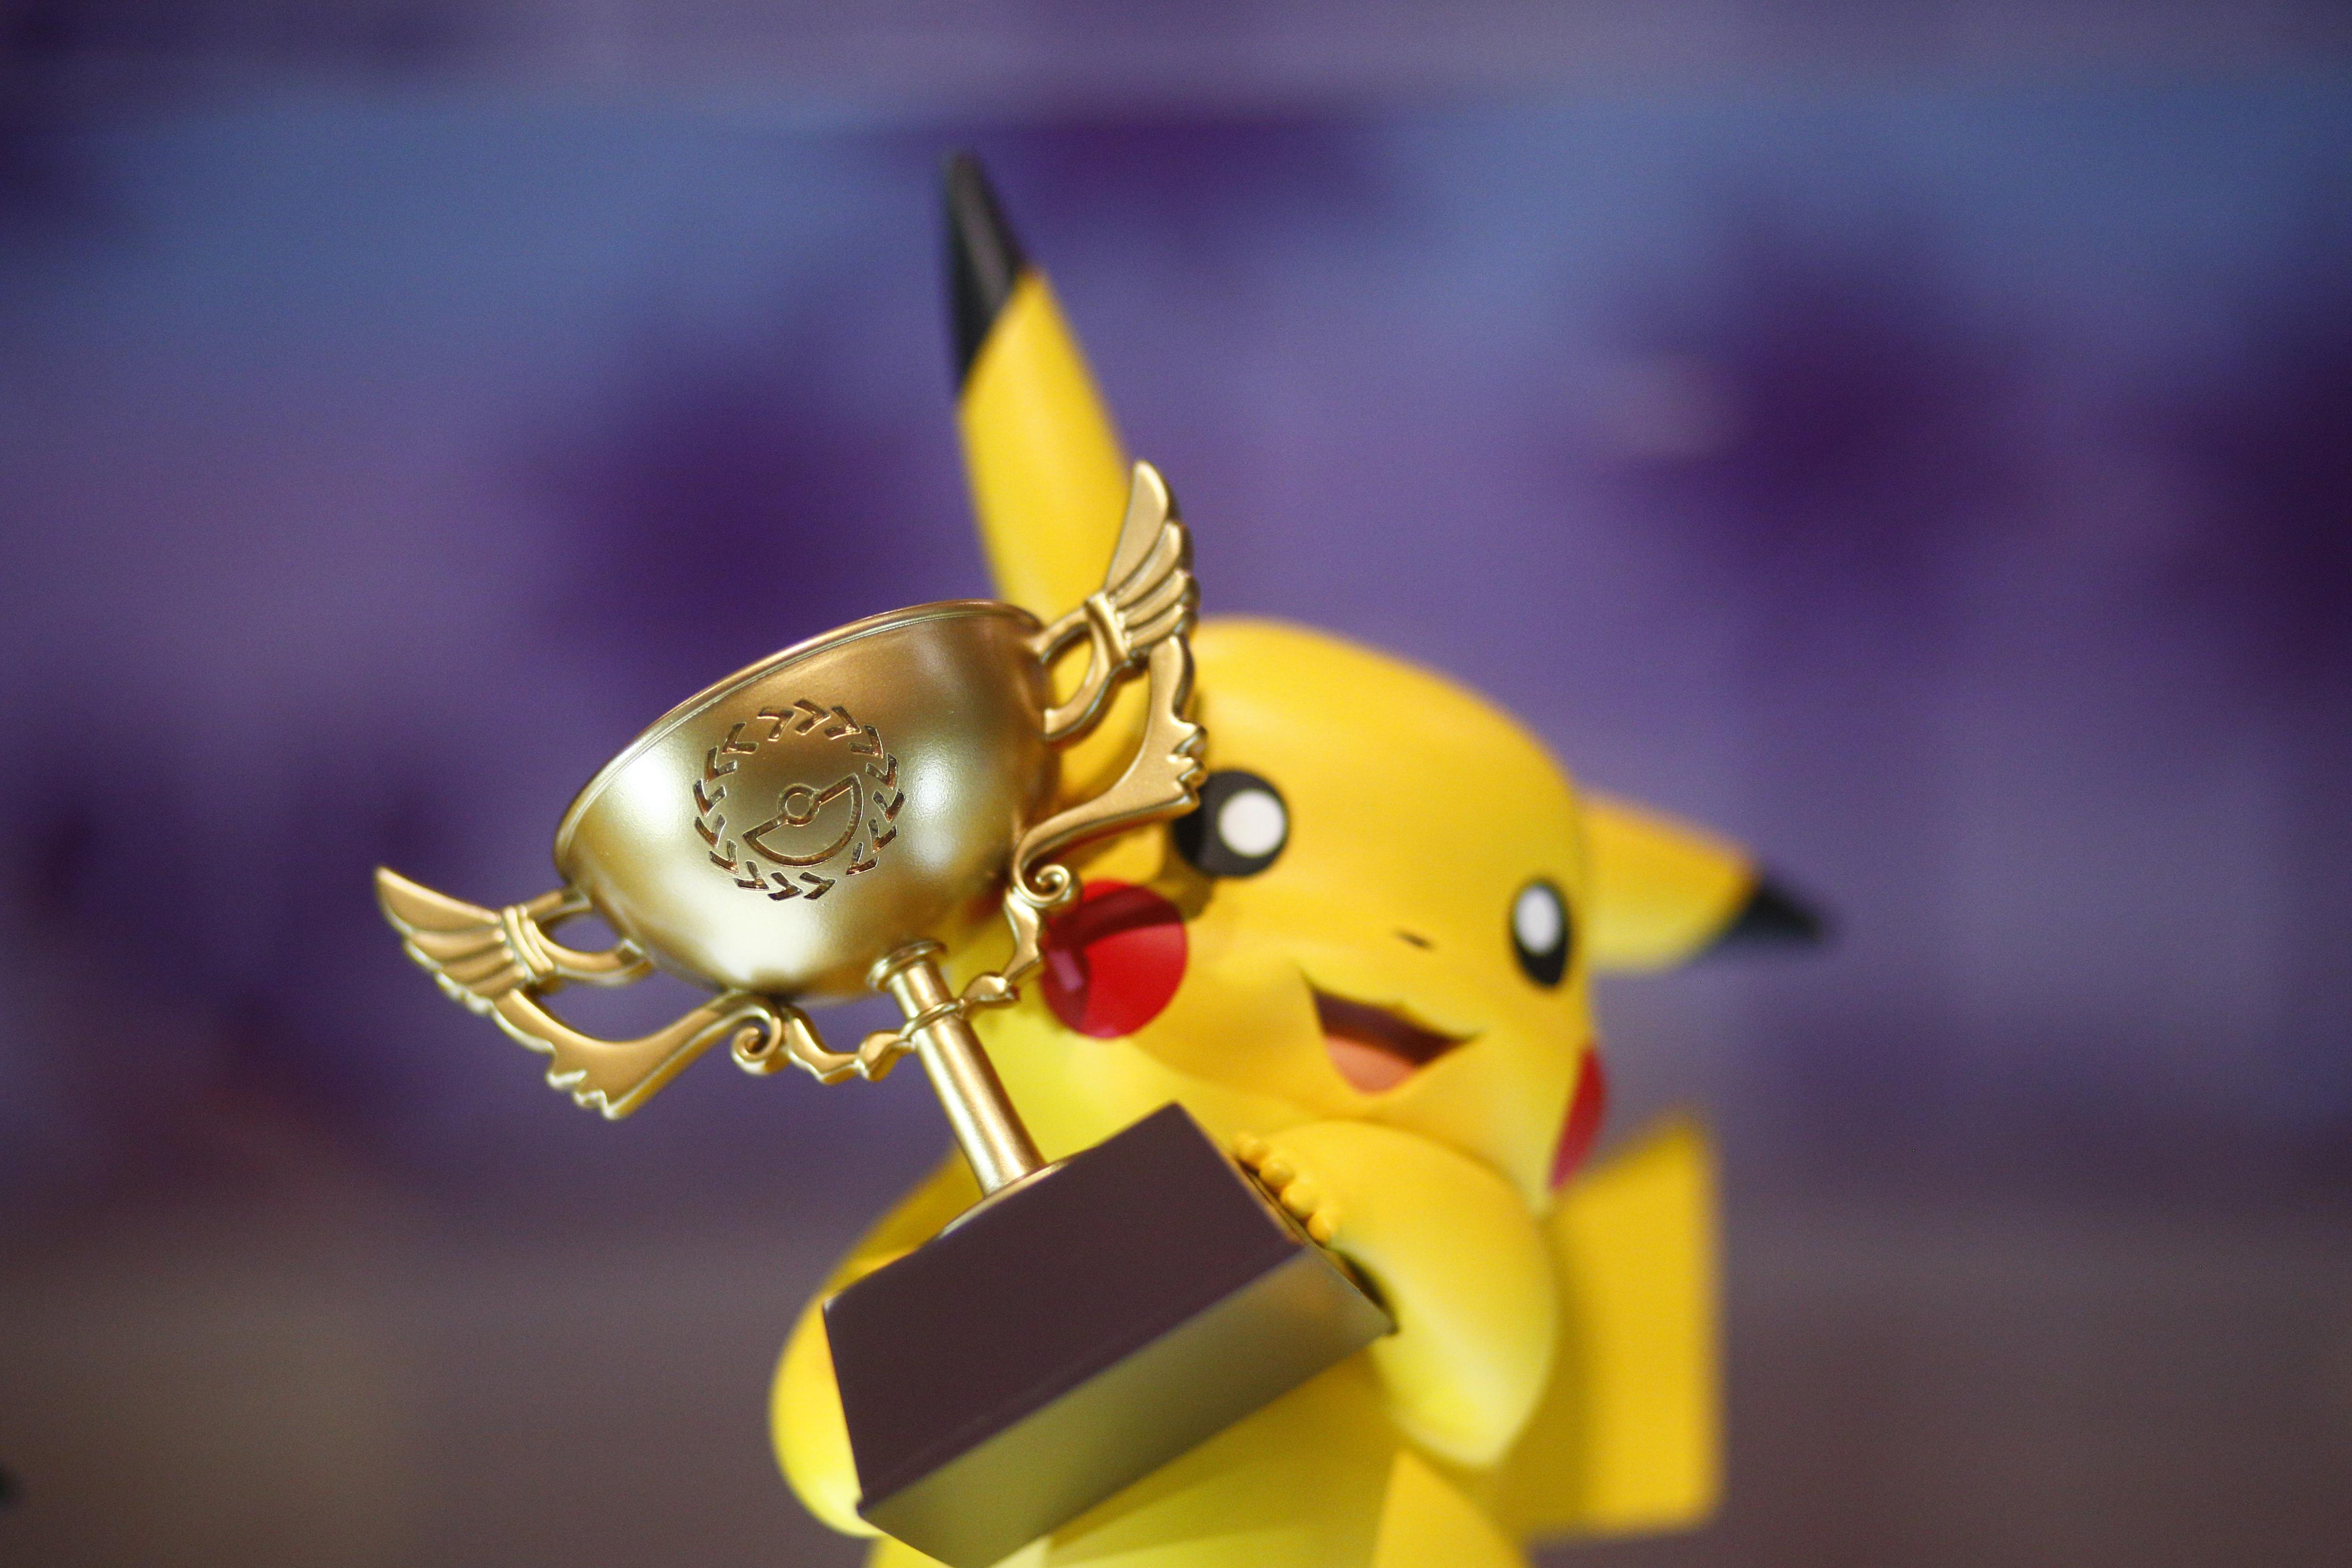 Mistrzostwo Świata Pokémon